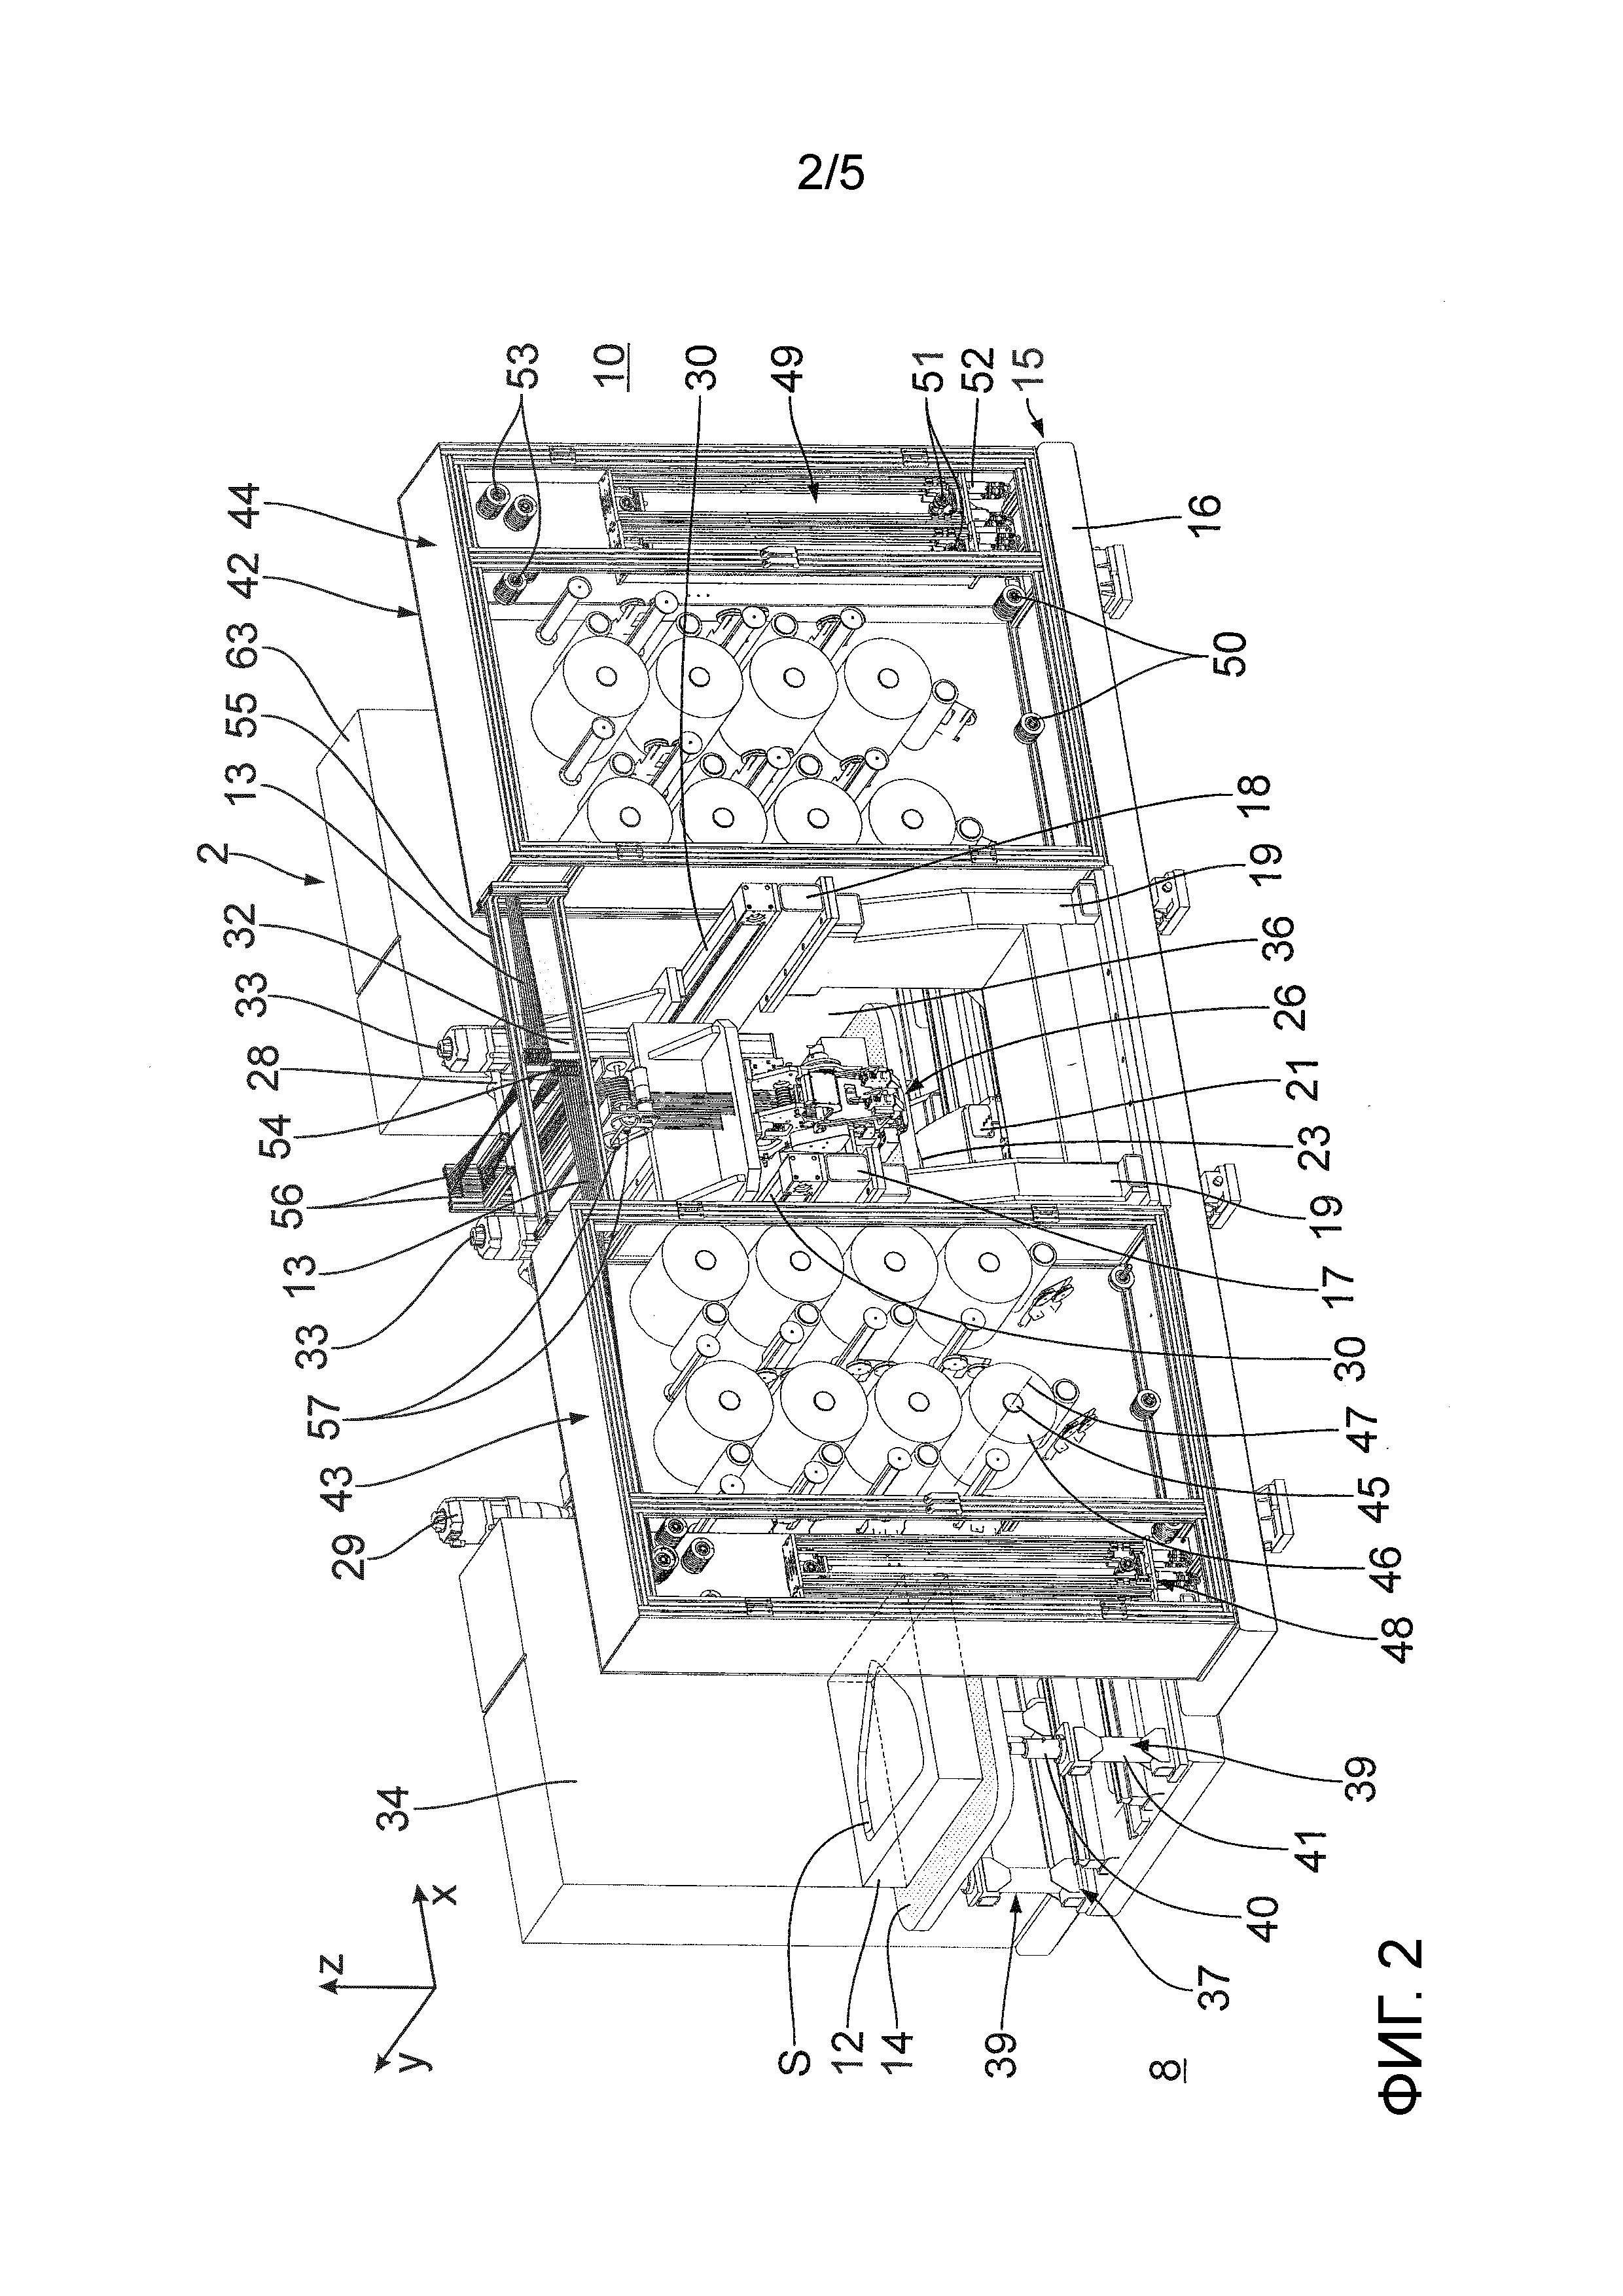 Машина для укладки волокон и способ изготовления волокнистых нетканых матов